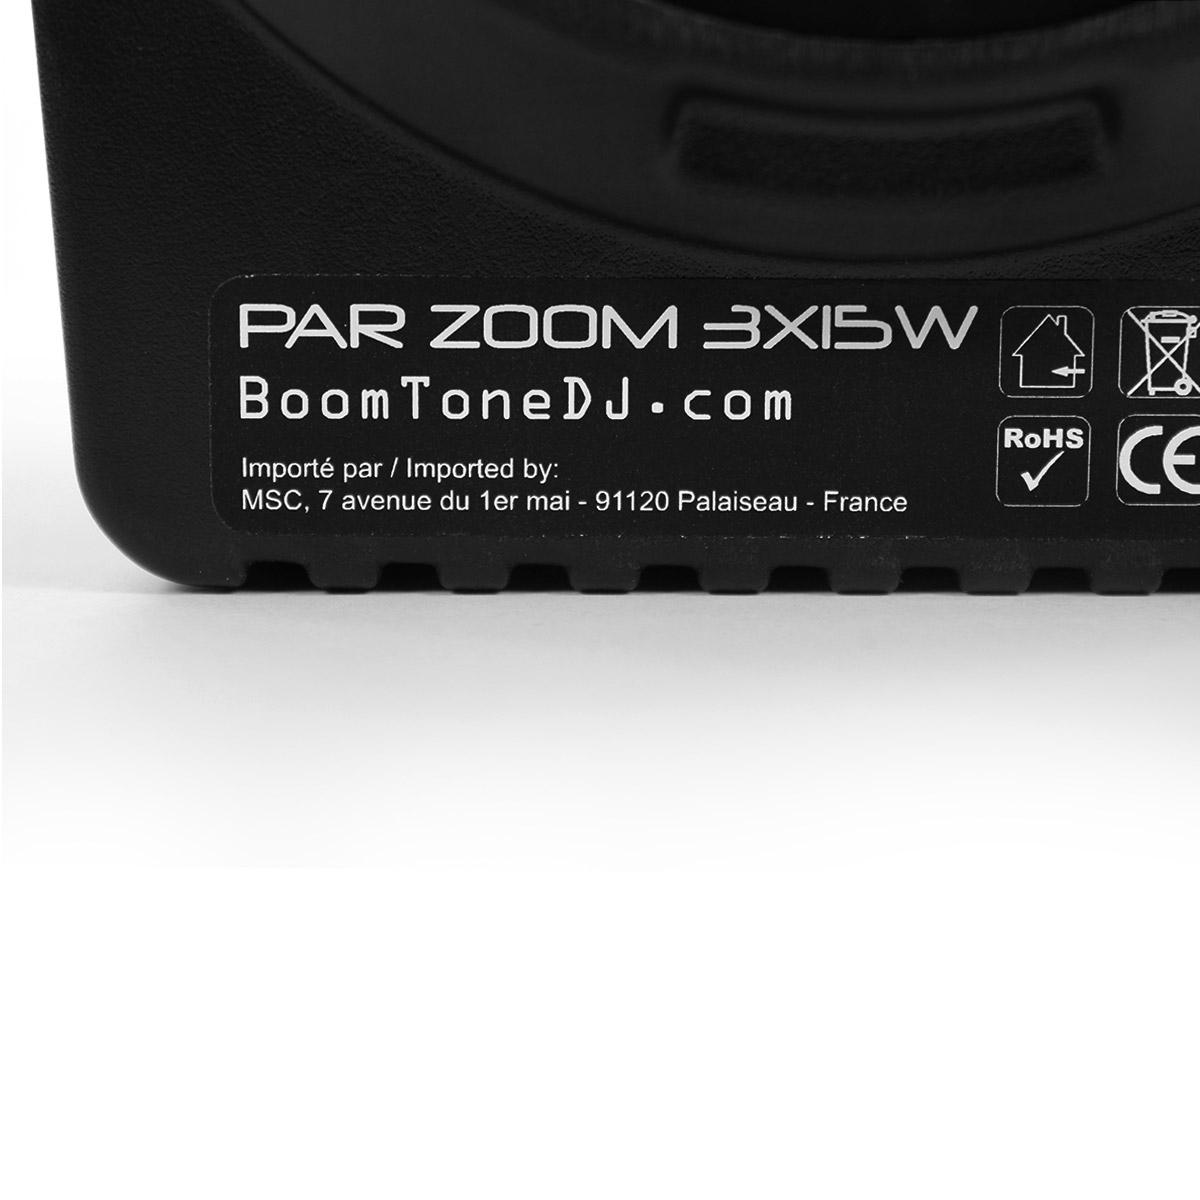 PAR Zoom 3X15W